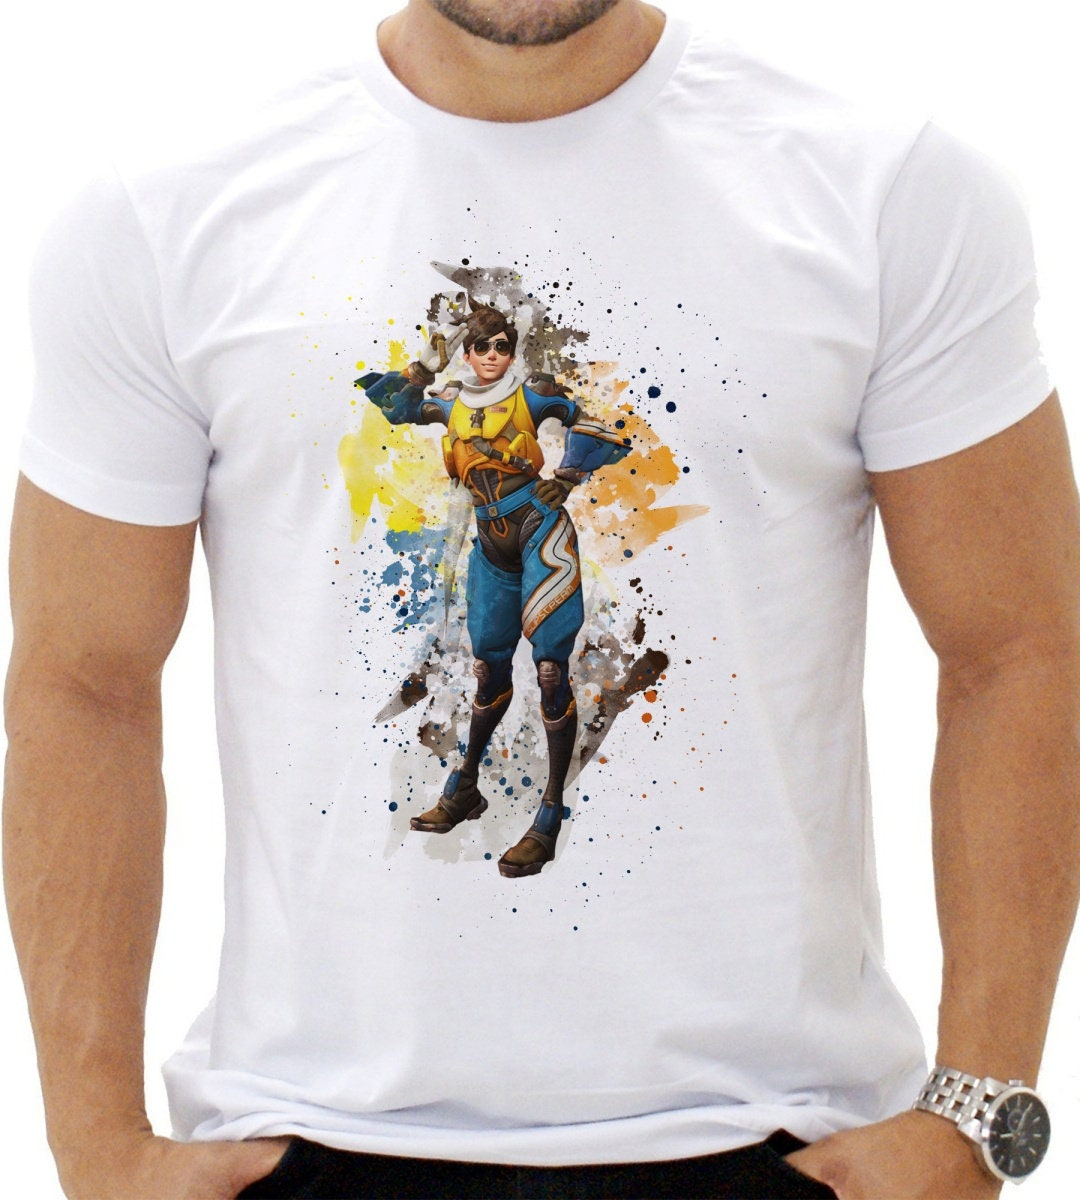 Overwatch traceur Tshirt, Tshirt jeu, Overwatch Shirt, Unique, idée cadeau, Overwatch T-Shirt DTG, tee-shirt Unique, Shirt, haut de gamme qualité unisexe Shirt,no.043 25693f